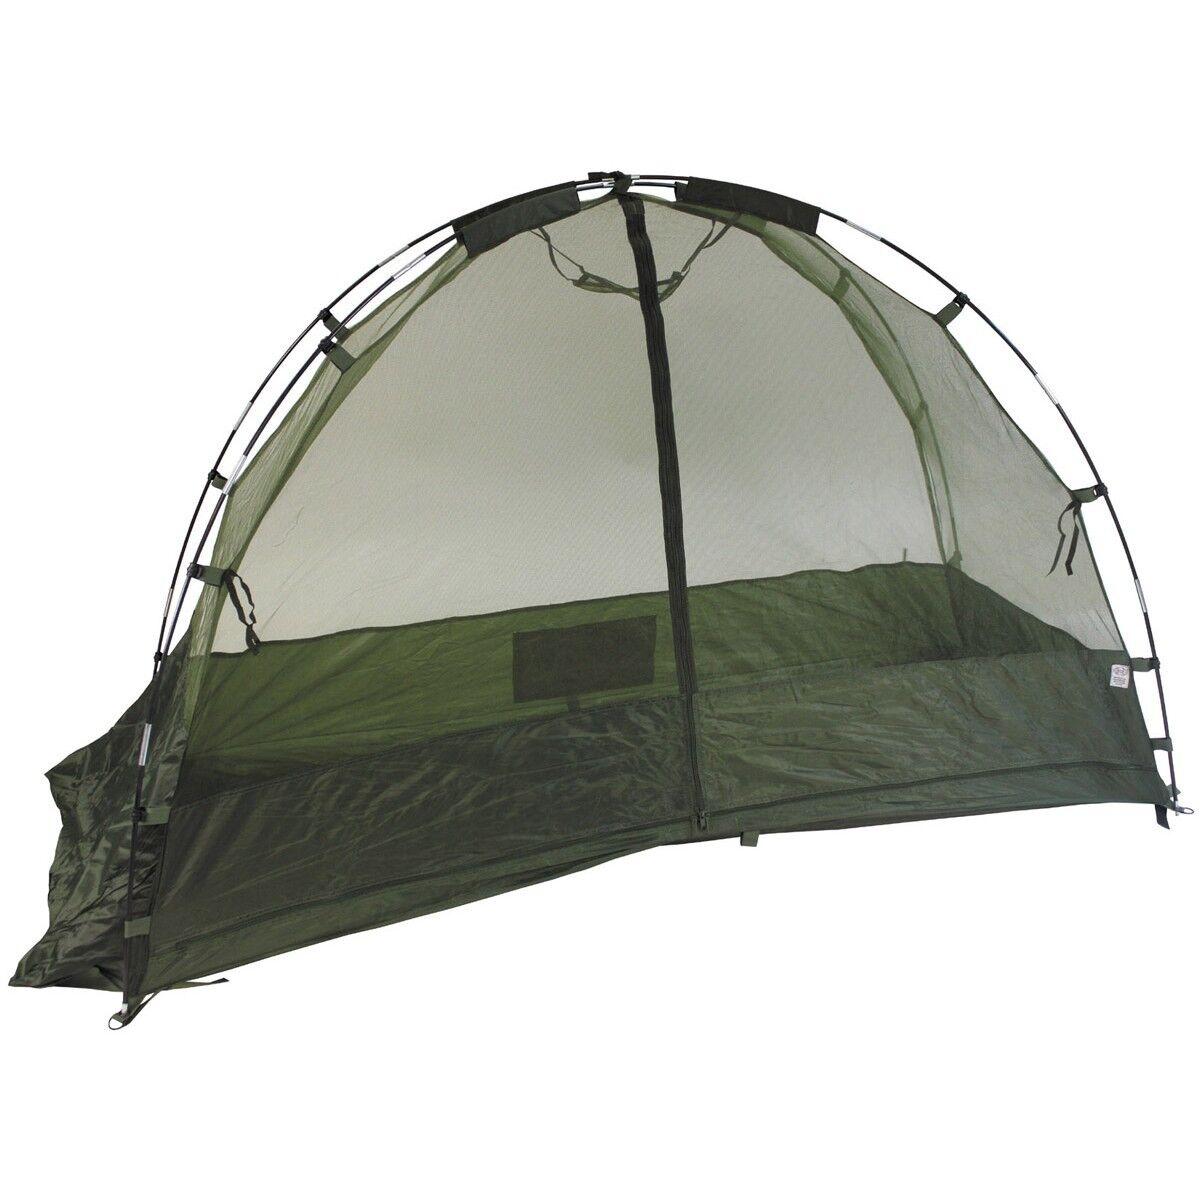 MFH Cuna Mosquitero militar acampada viajes en forma de tienda verde OD